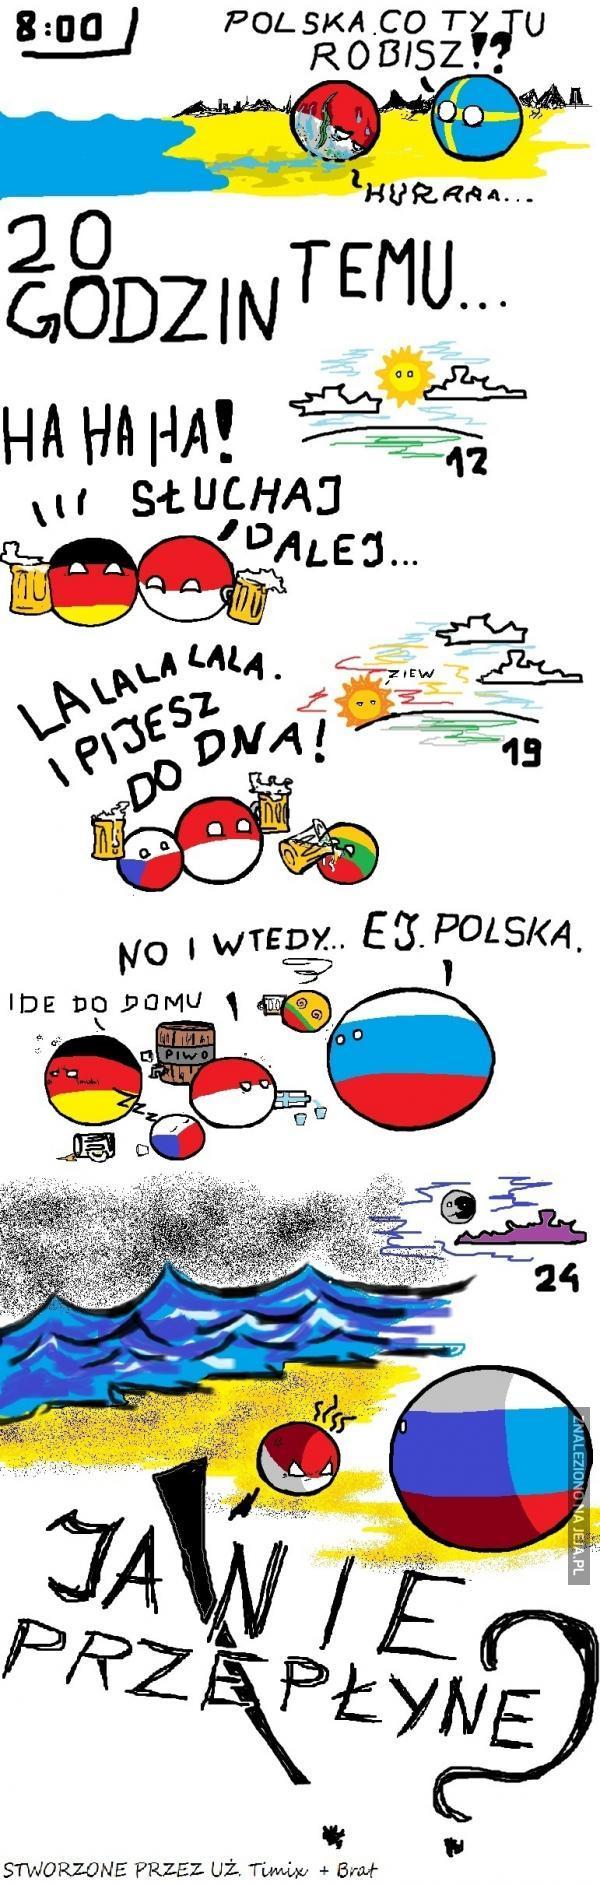 Polska, co ty tu robisz?